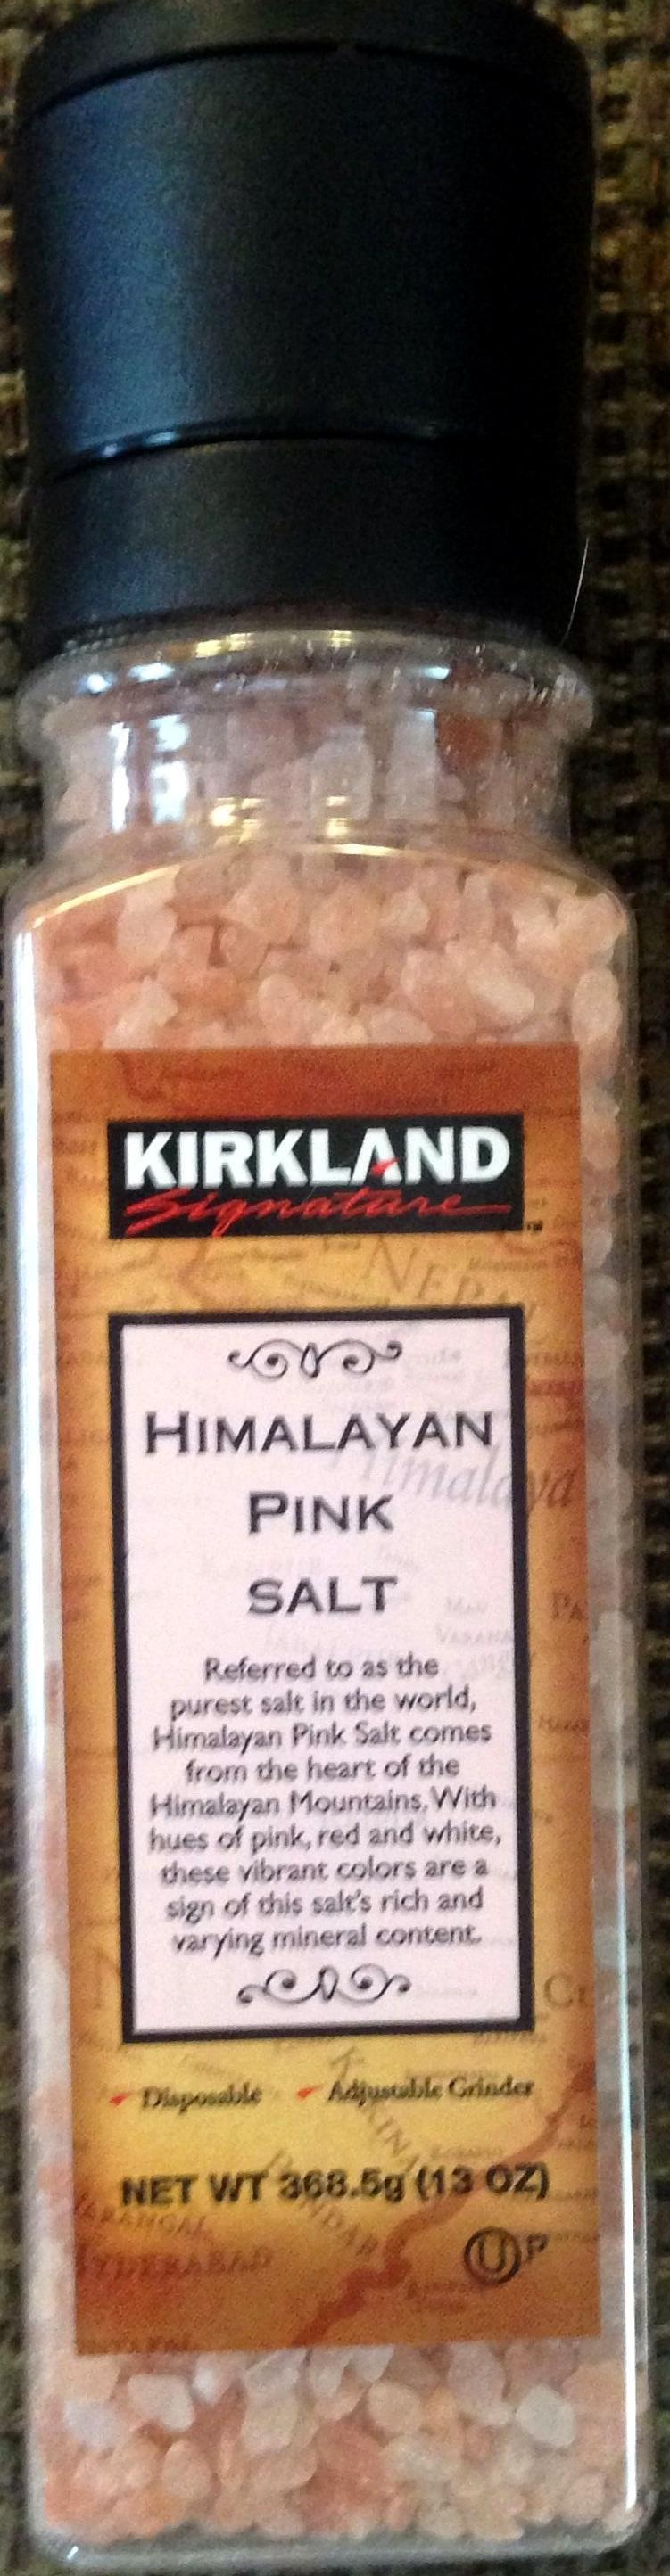 Himalayan Pink Salt - Product